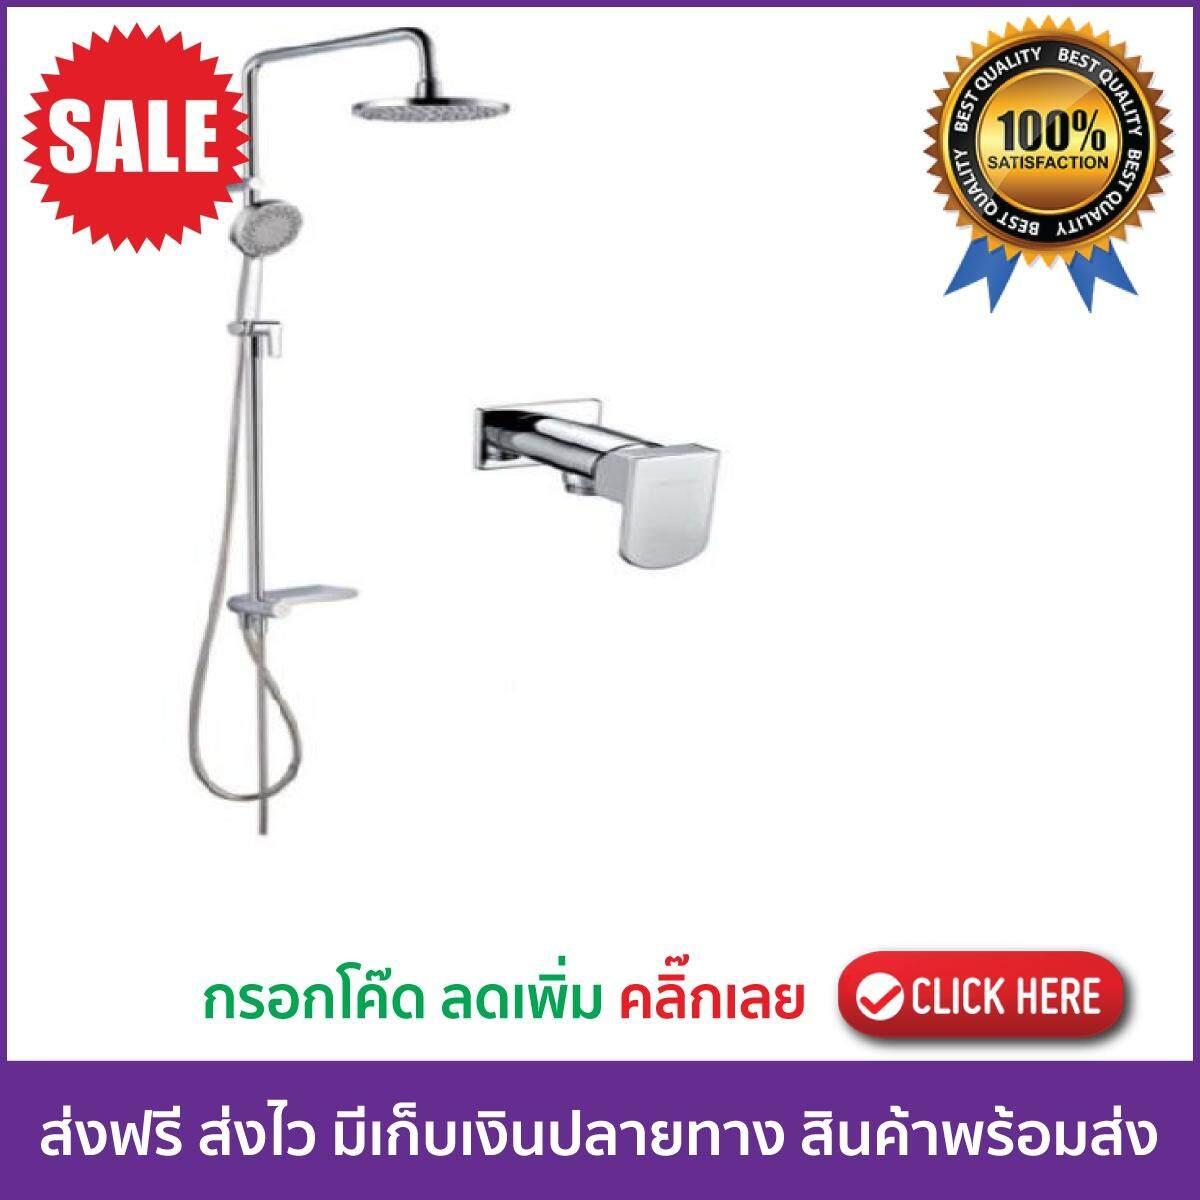 ลดสุดๆ #ส่งฟรี# ฝักบัวอาบน้ำ ชุดฝักบัว rain shower ฝักบัวสปา HAFELE ชุดเซ็ต ชุดฝักบัวอาบน้ำ-ก๊อกเดี่ยวติดผนัง 495.61.606 สีโครเมี่ยม ส่ง kerry เก็บเงินปลายทาง สินค้าคุณภาพ ส่งชัวร์ ส่งฟรี